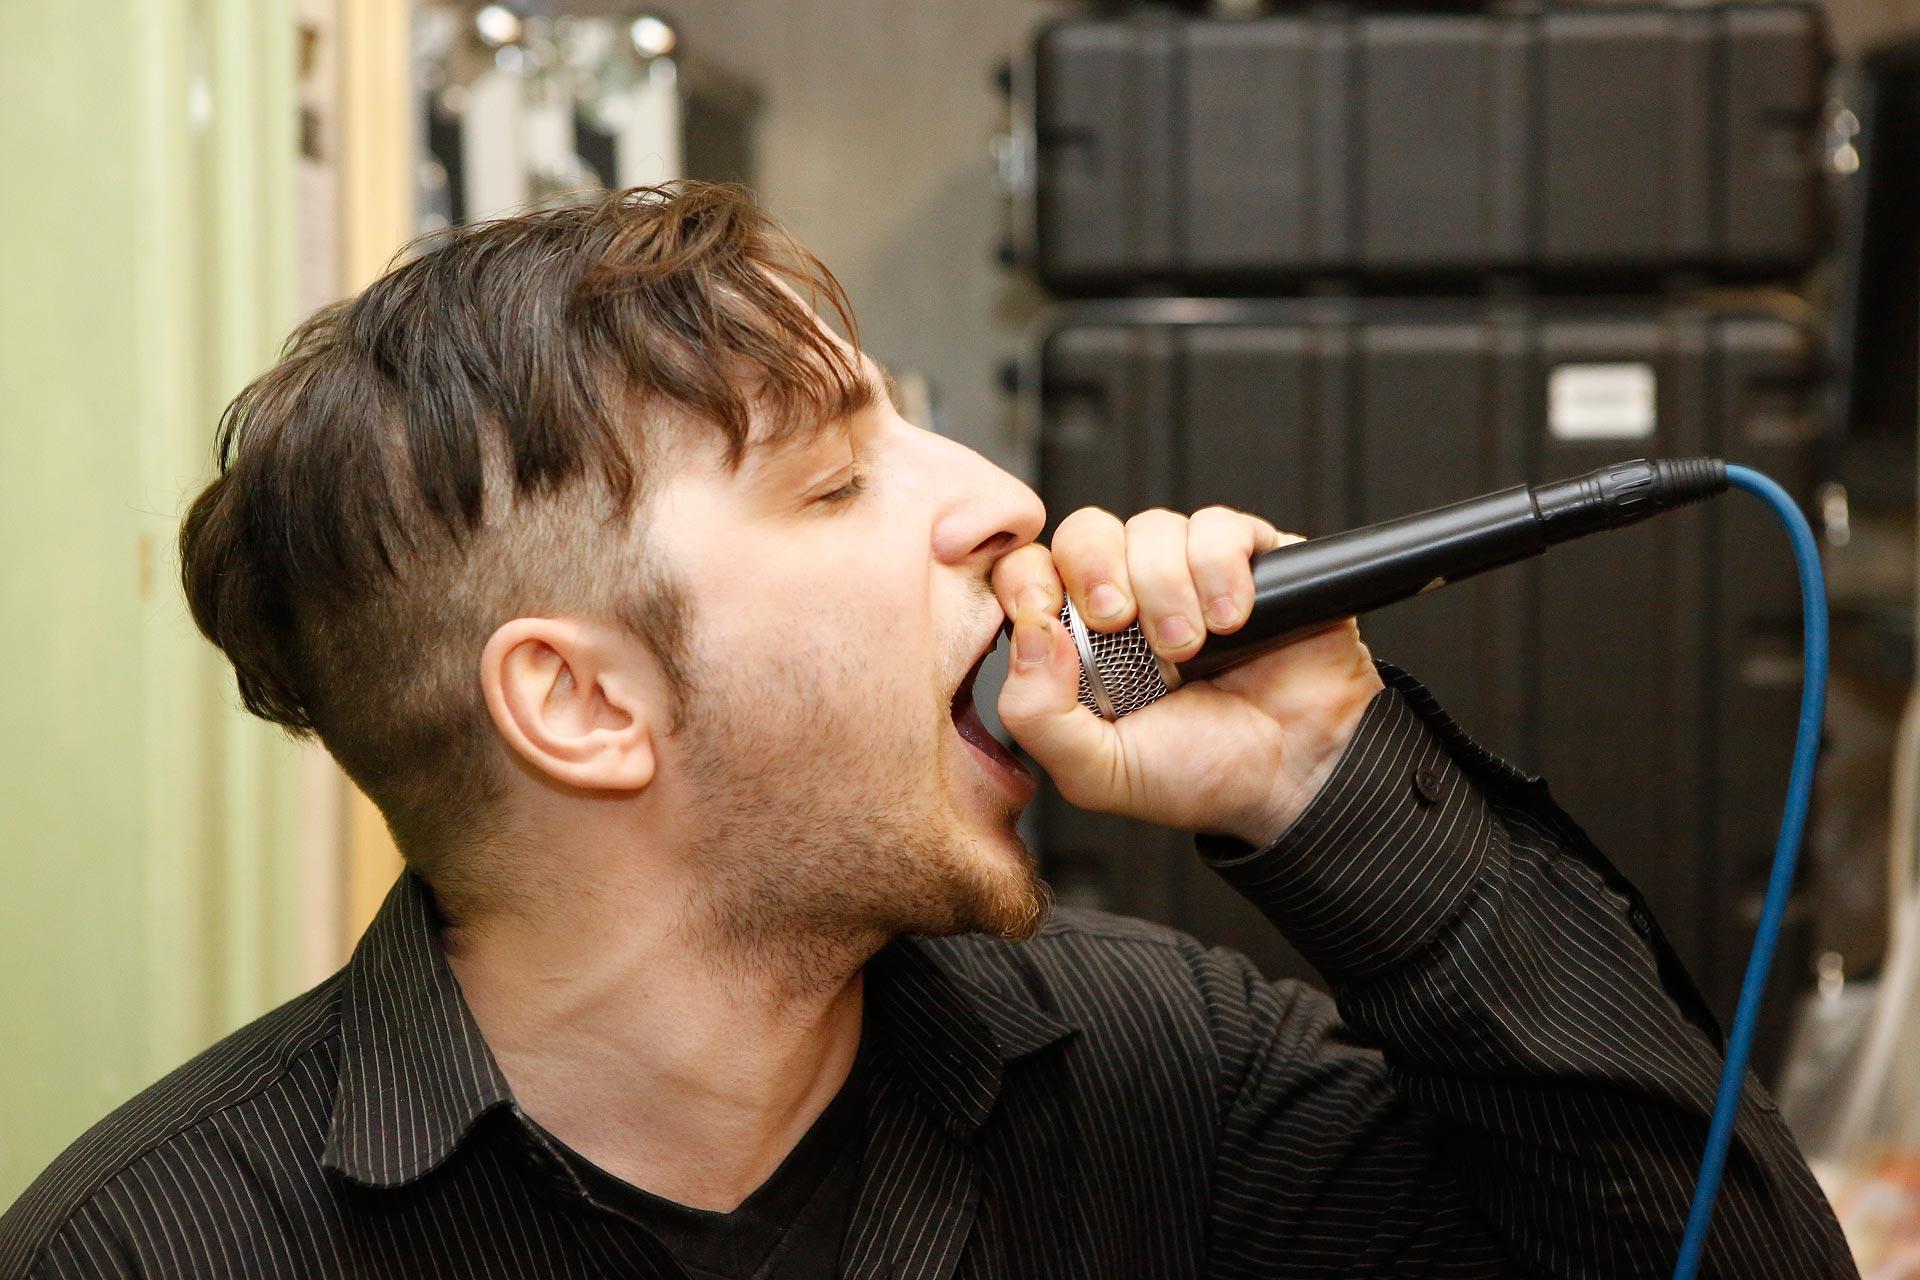 Takkker ist der Sänger der Grufti-Band.